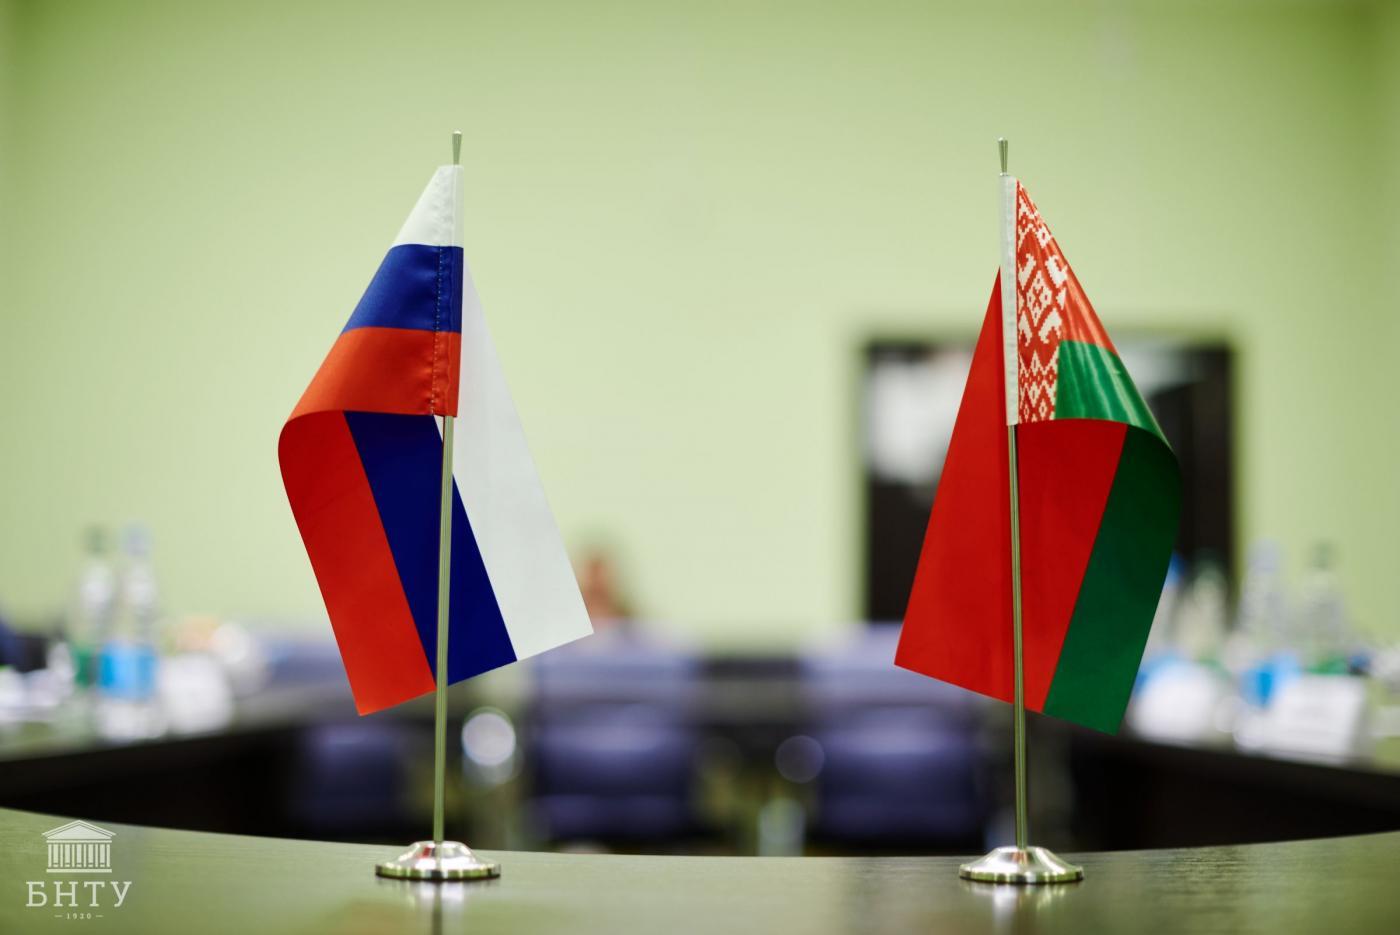 Встреча представителя Волгоградской области с сотрудниками БНТУ